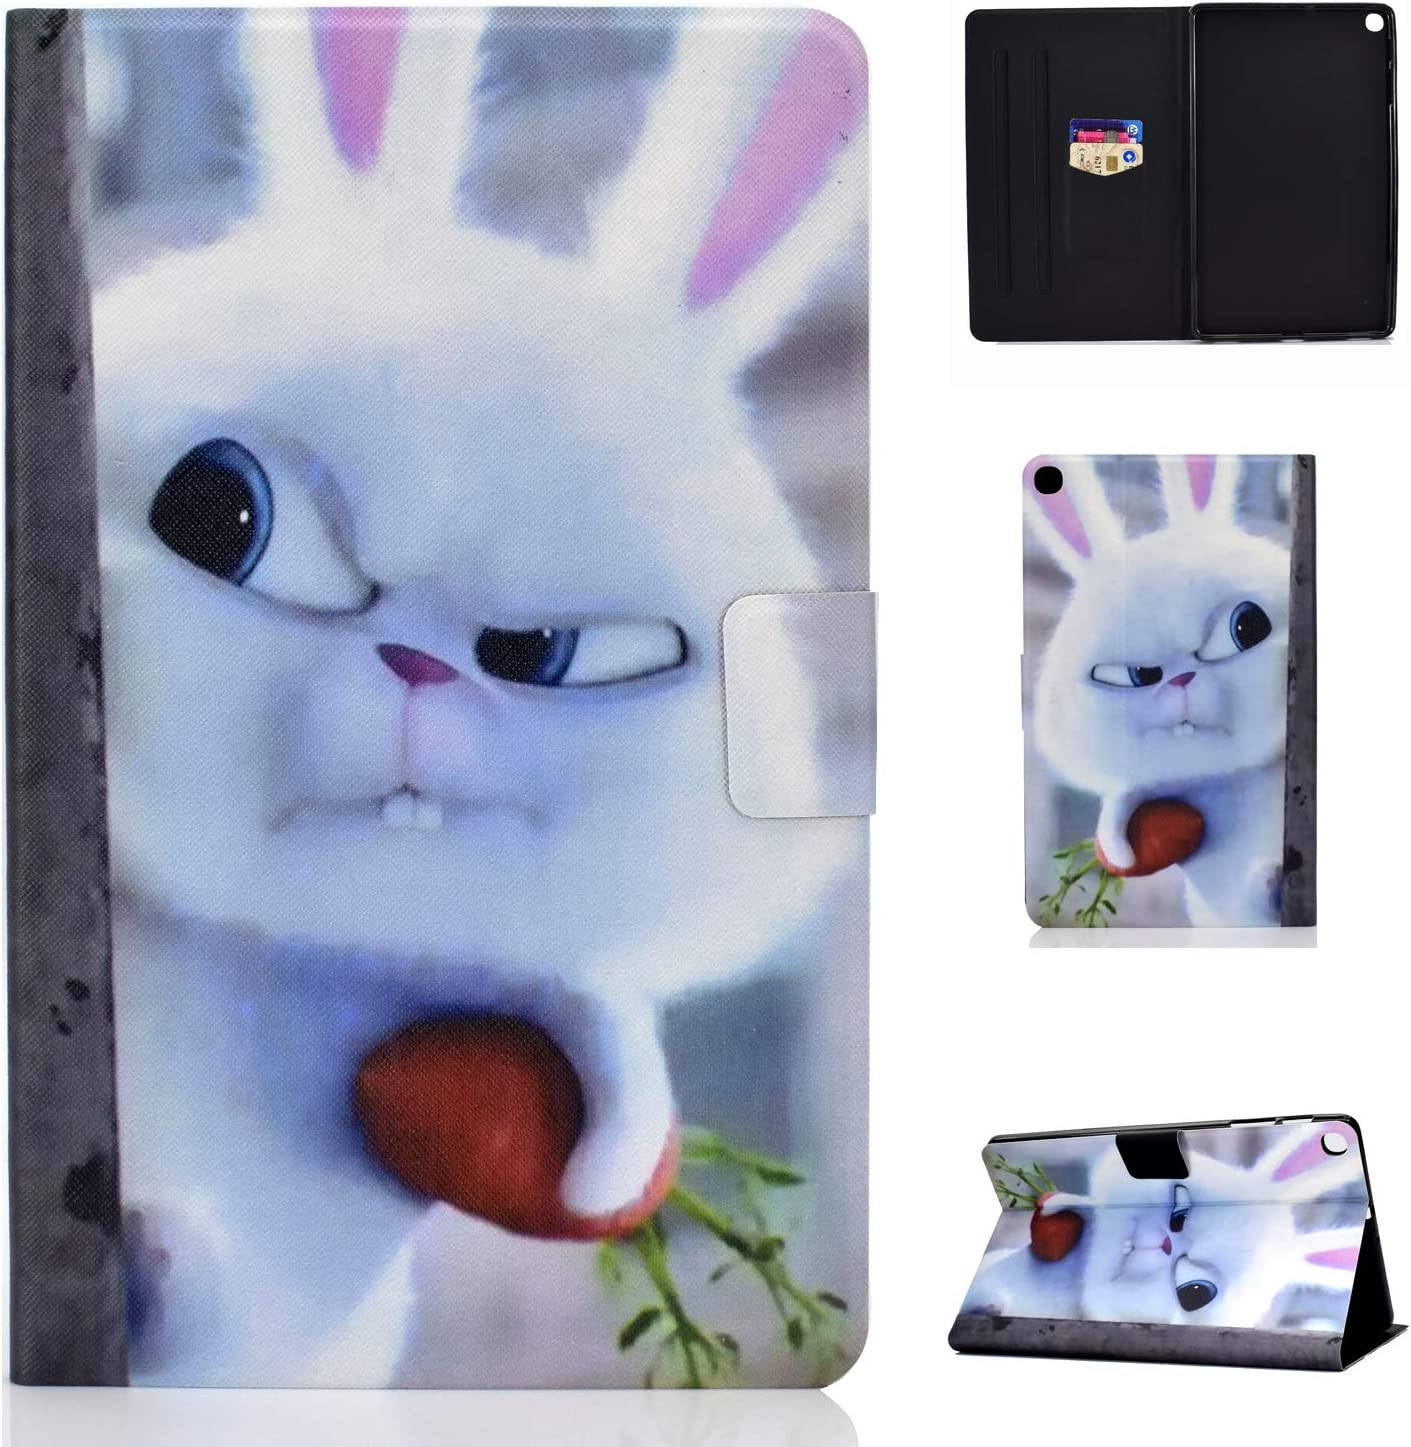 Succtop Funda Samsung Tab A 10.1 Palgadas 2019 Carcasa Cuero PU Flip Stand Tablet Caso con Cinturón Antideslizante, Ranura Tarjetas para Samsung Galaxy Tab A 2019 10.1